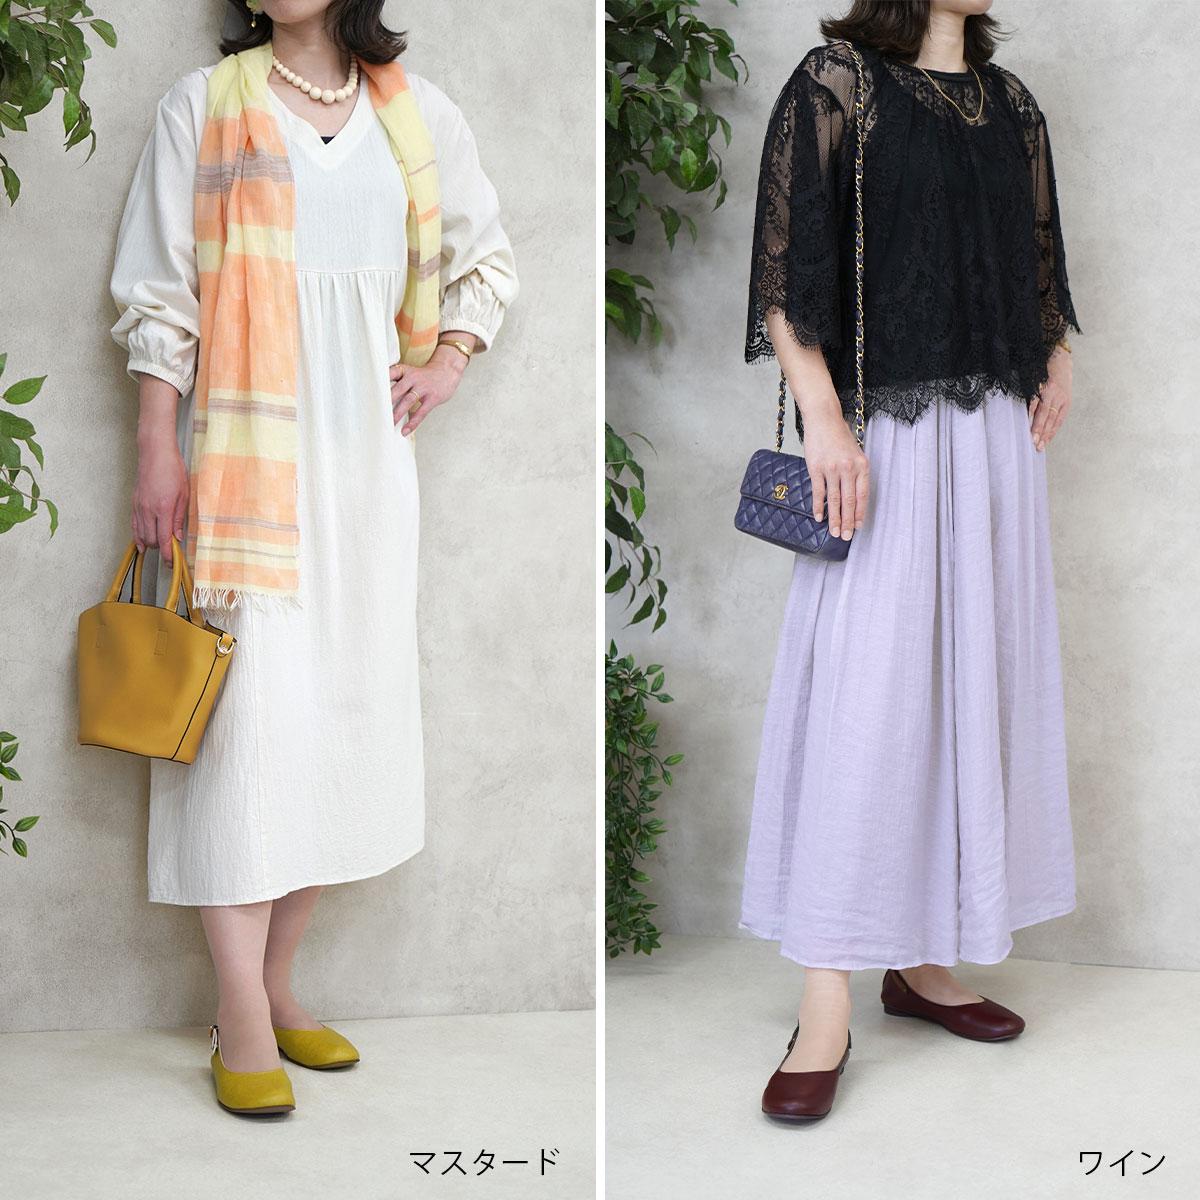 朝天然的吊带芭蕾舞鞋★A0641客气的制鞋工人构架Belle and Sofa原始物外翻拇指,宽度甲高的方向最合适!在定做鞋舒适地站立的700日元Plus